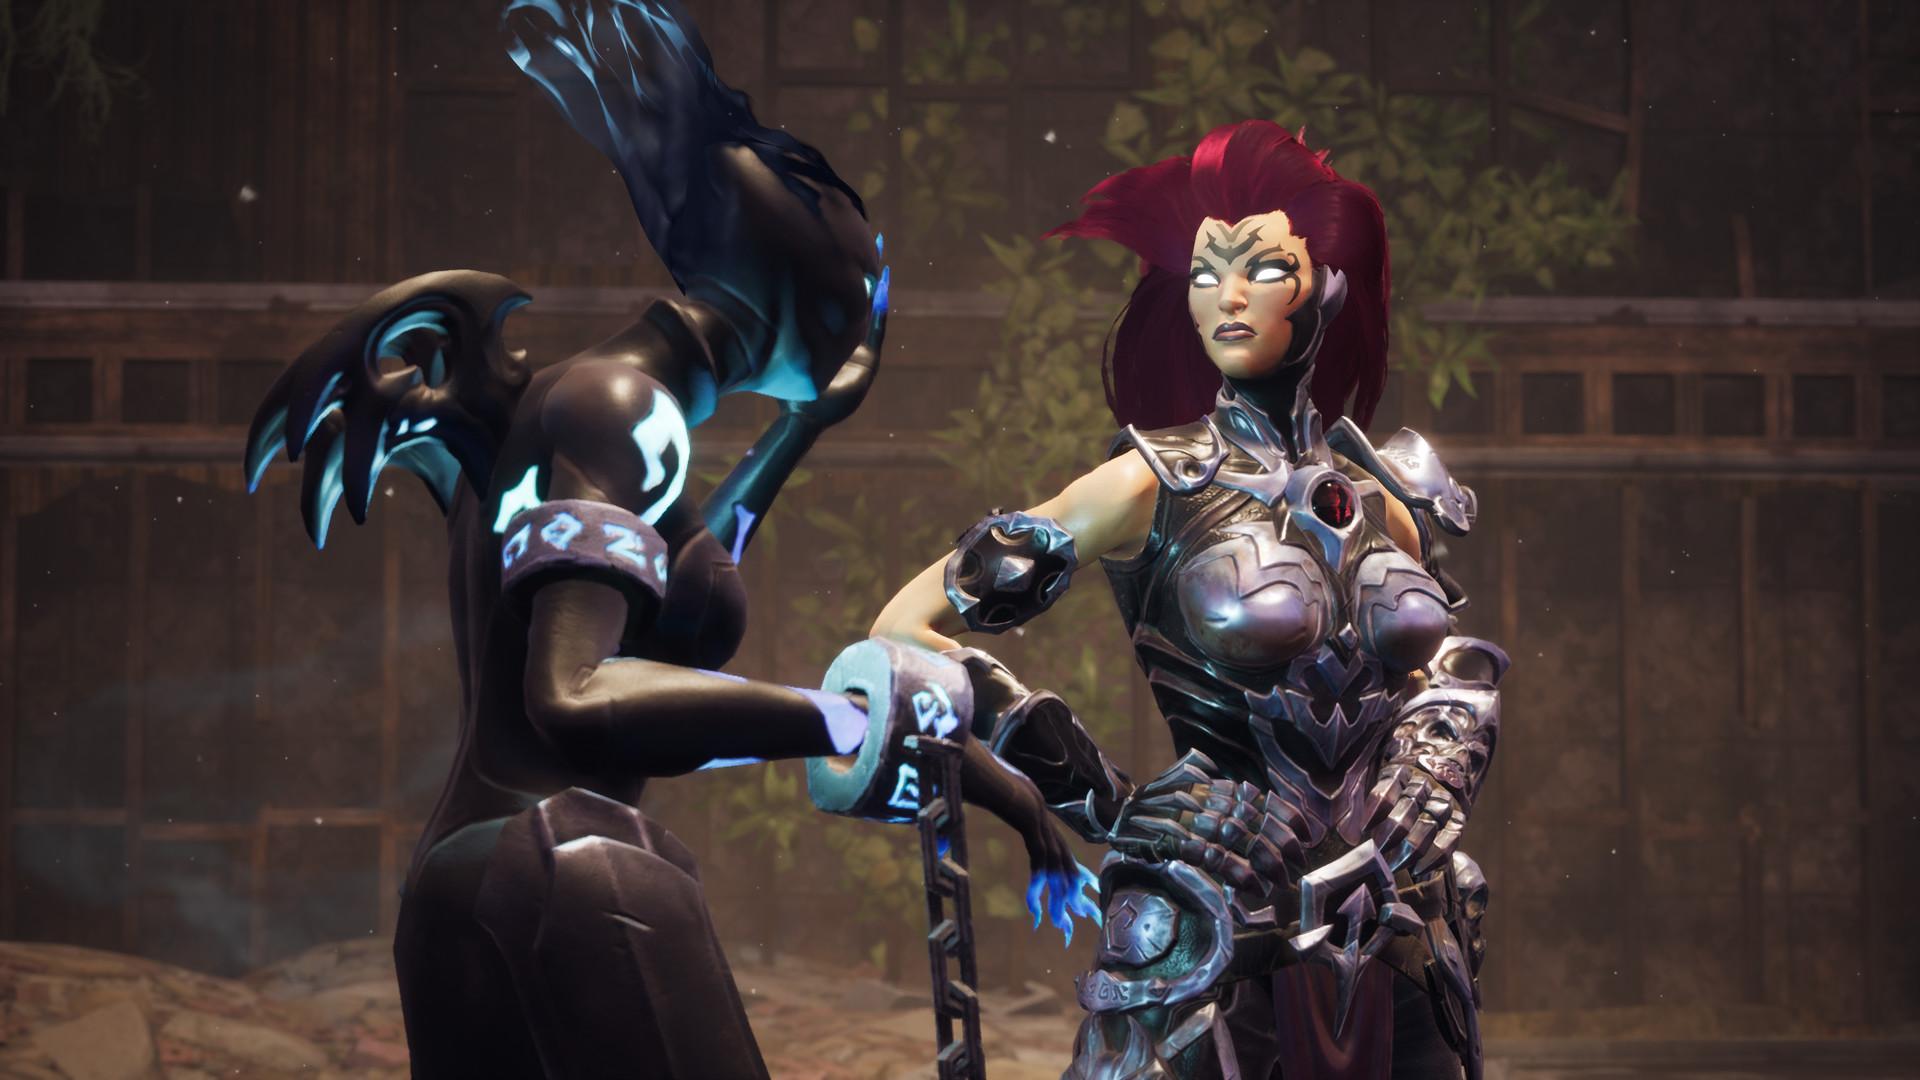 Darksiders III review